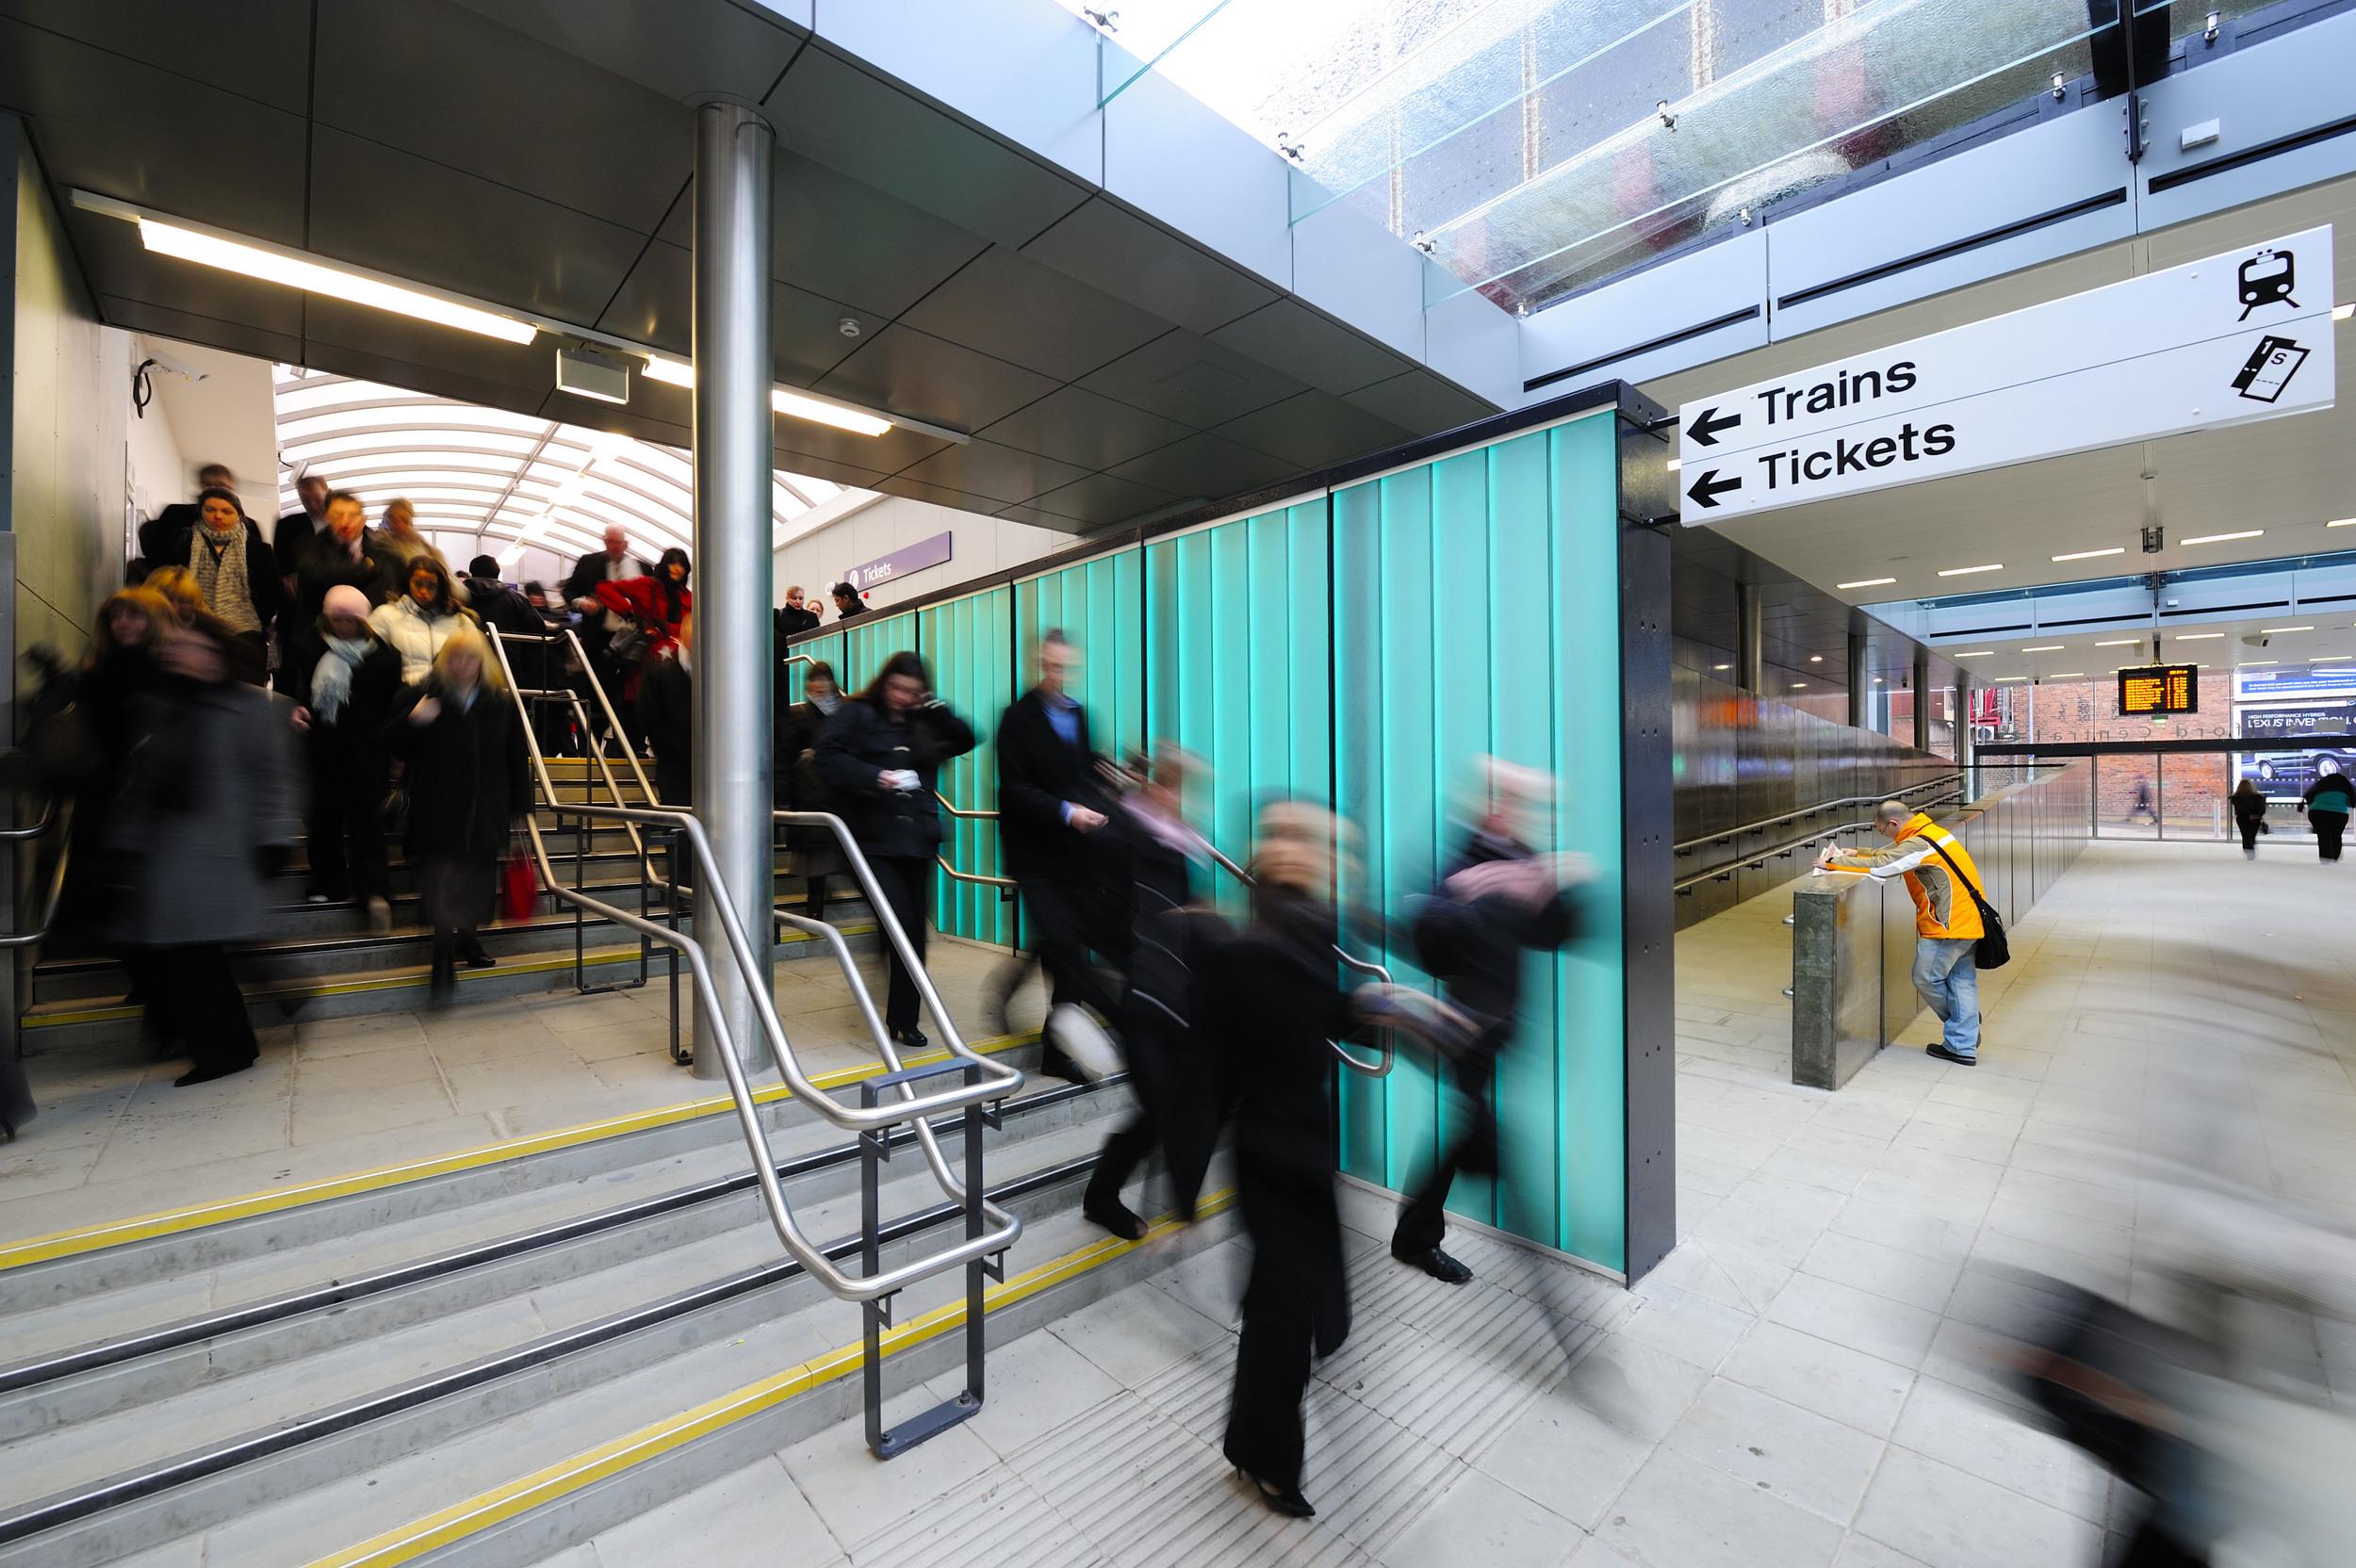 Salford Central Station Interior 2